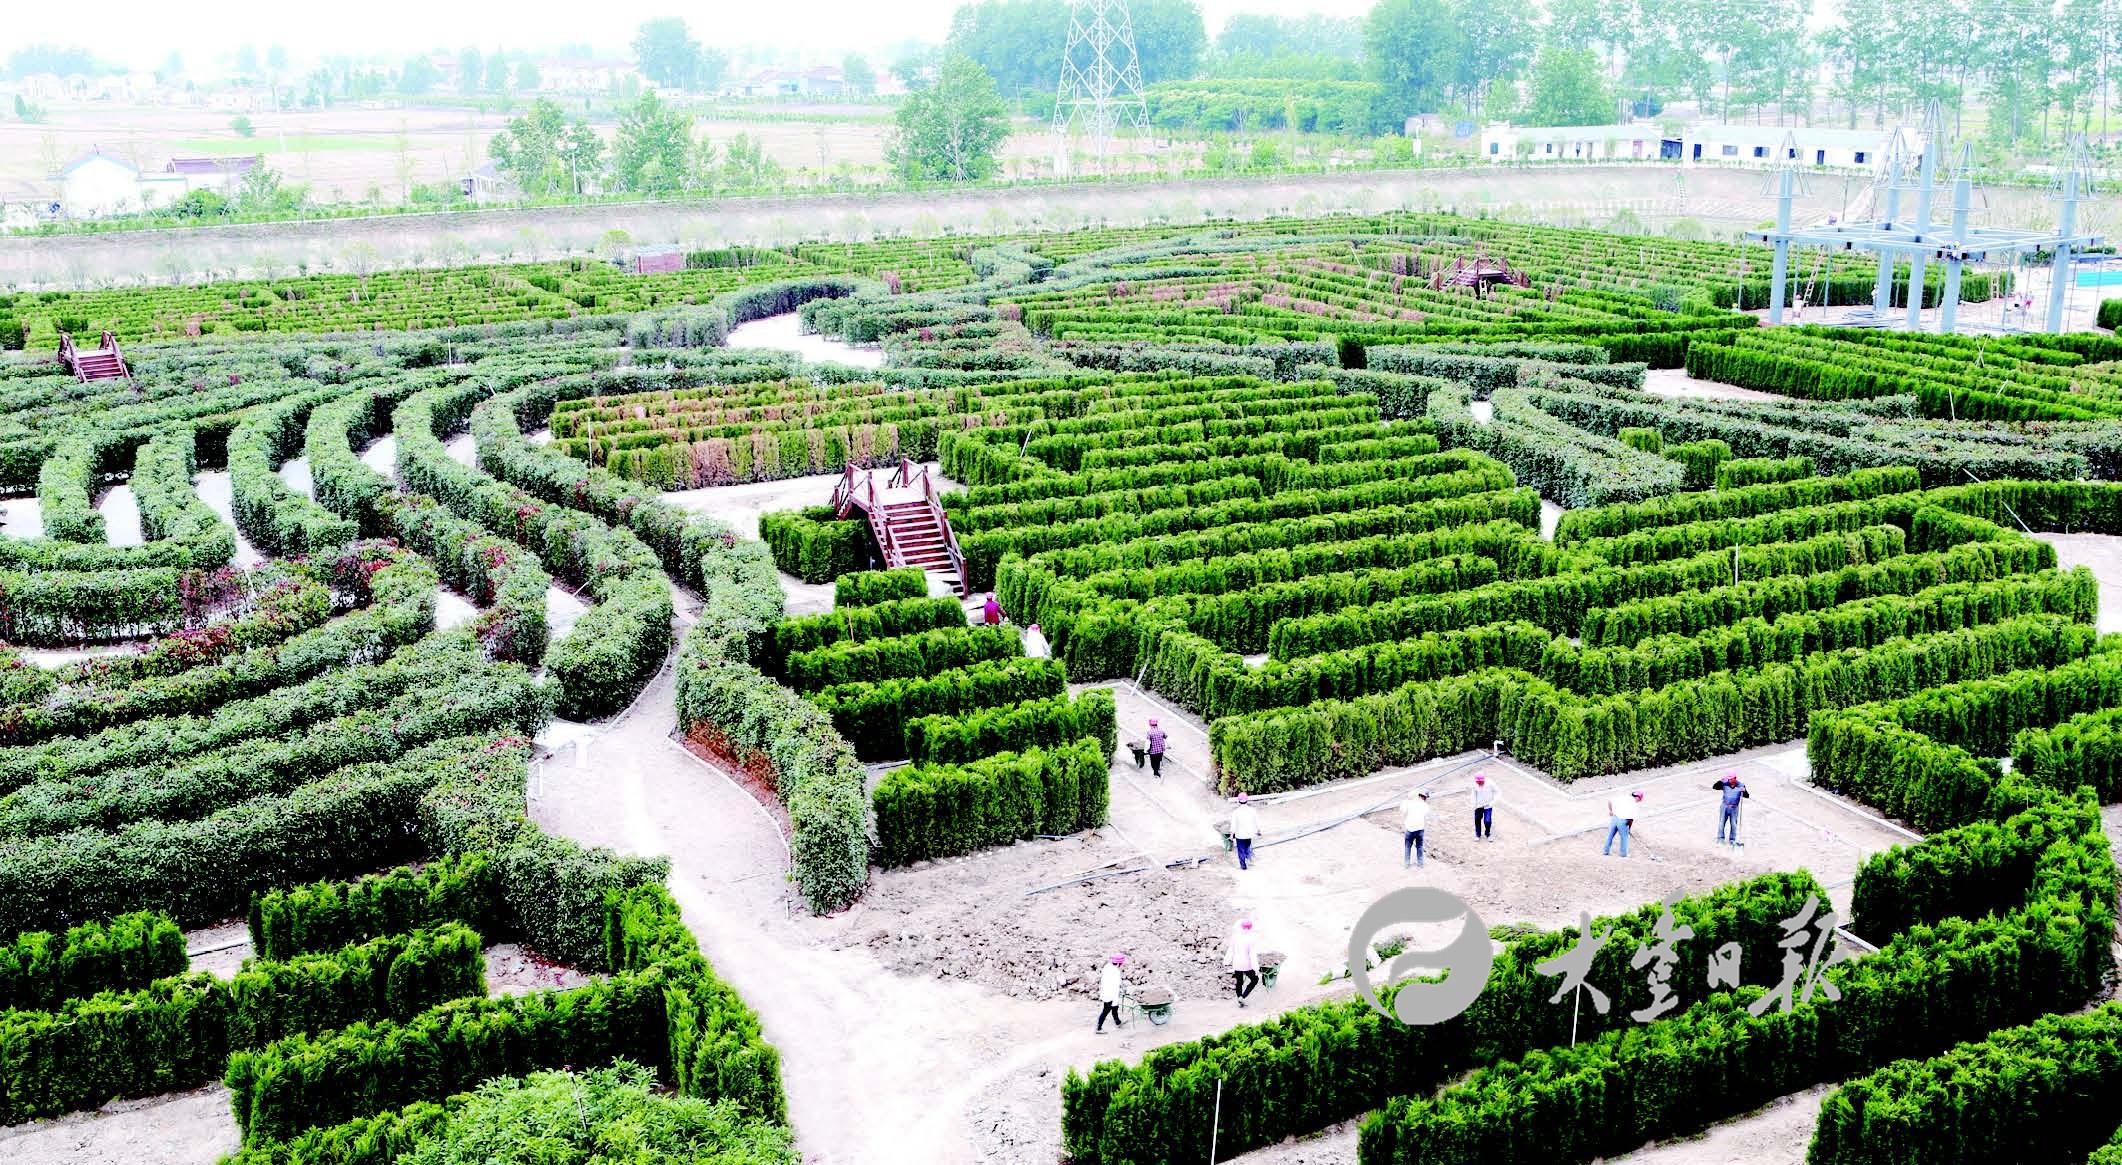 壁纸 成片种植 风景 平面图 植物 种植基地 桌面 2122_1165